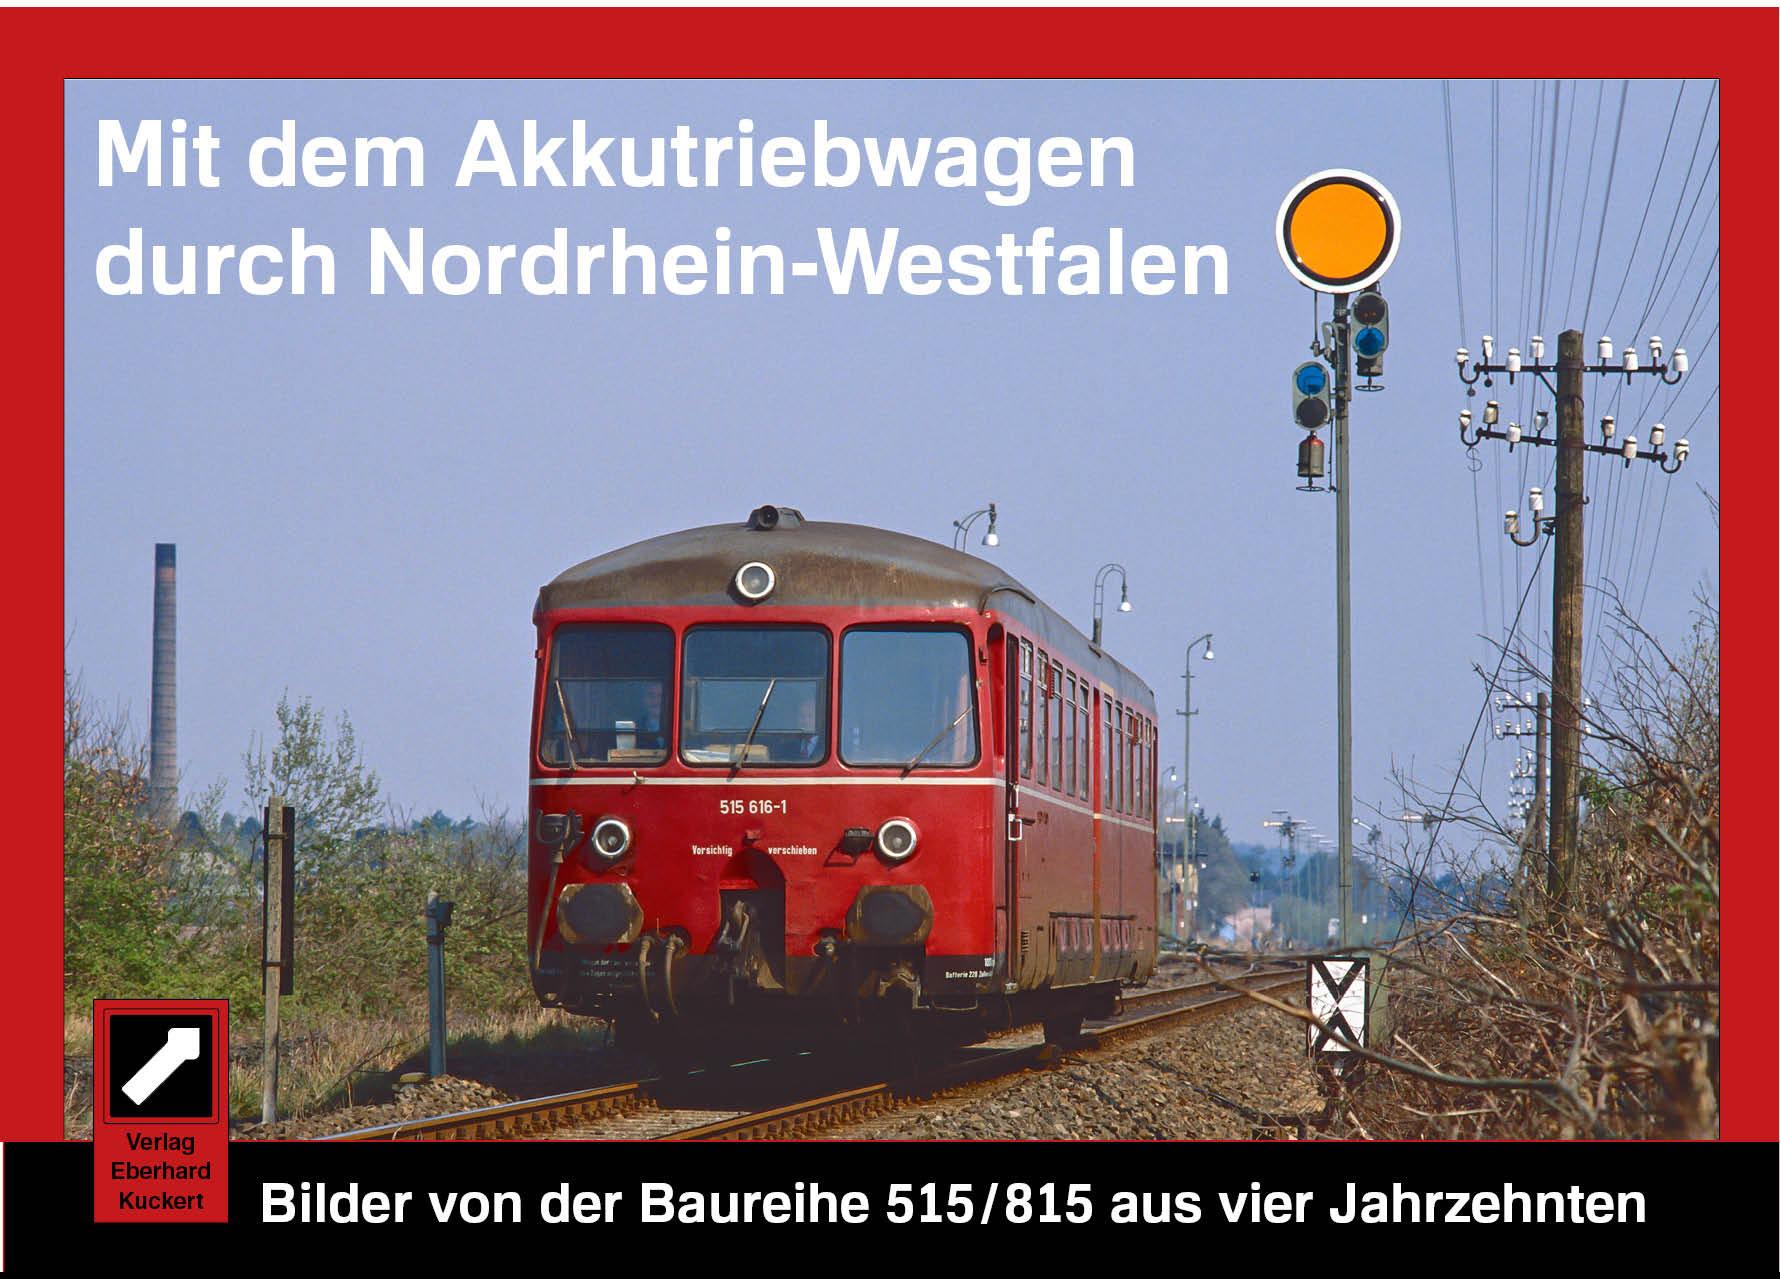 Mit dem Akkutriebwagen durch Nordrhein-Westfalen. Bilder von der Baureihe 515/815 aus vier Jahrzehnten